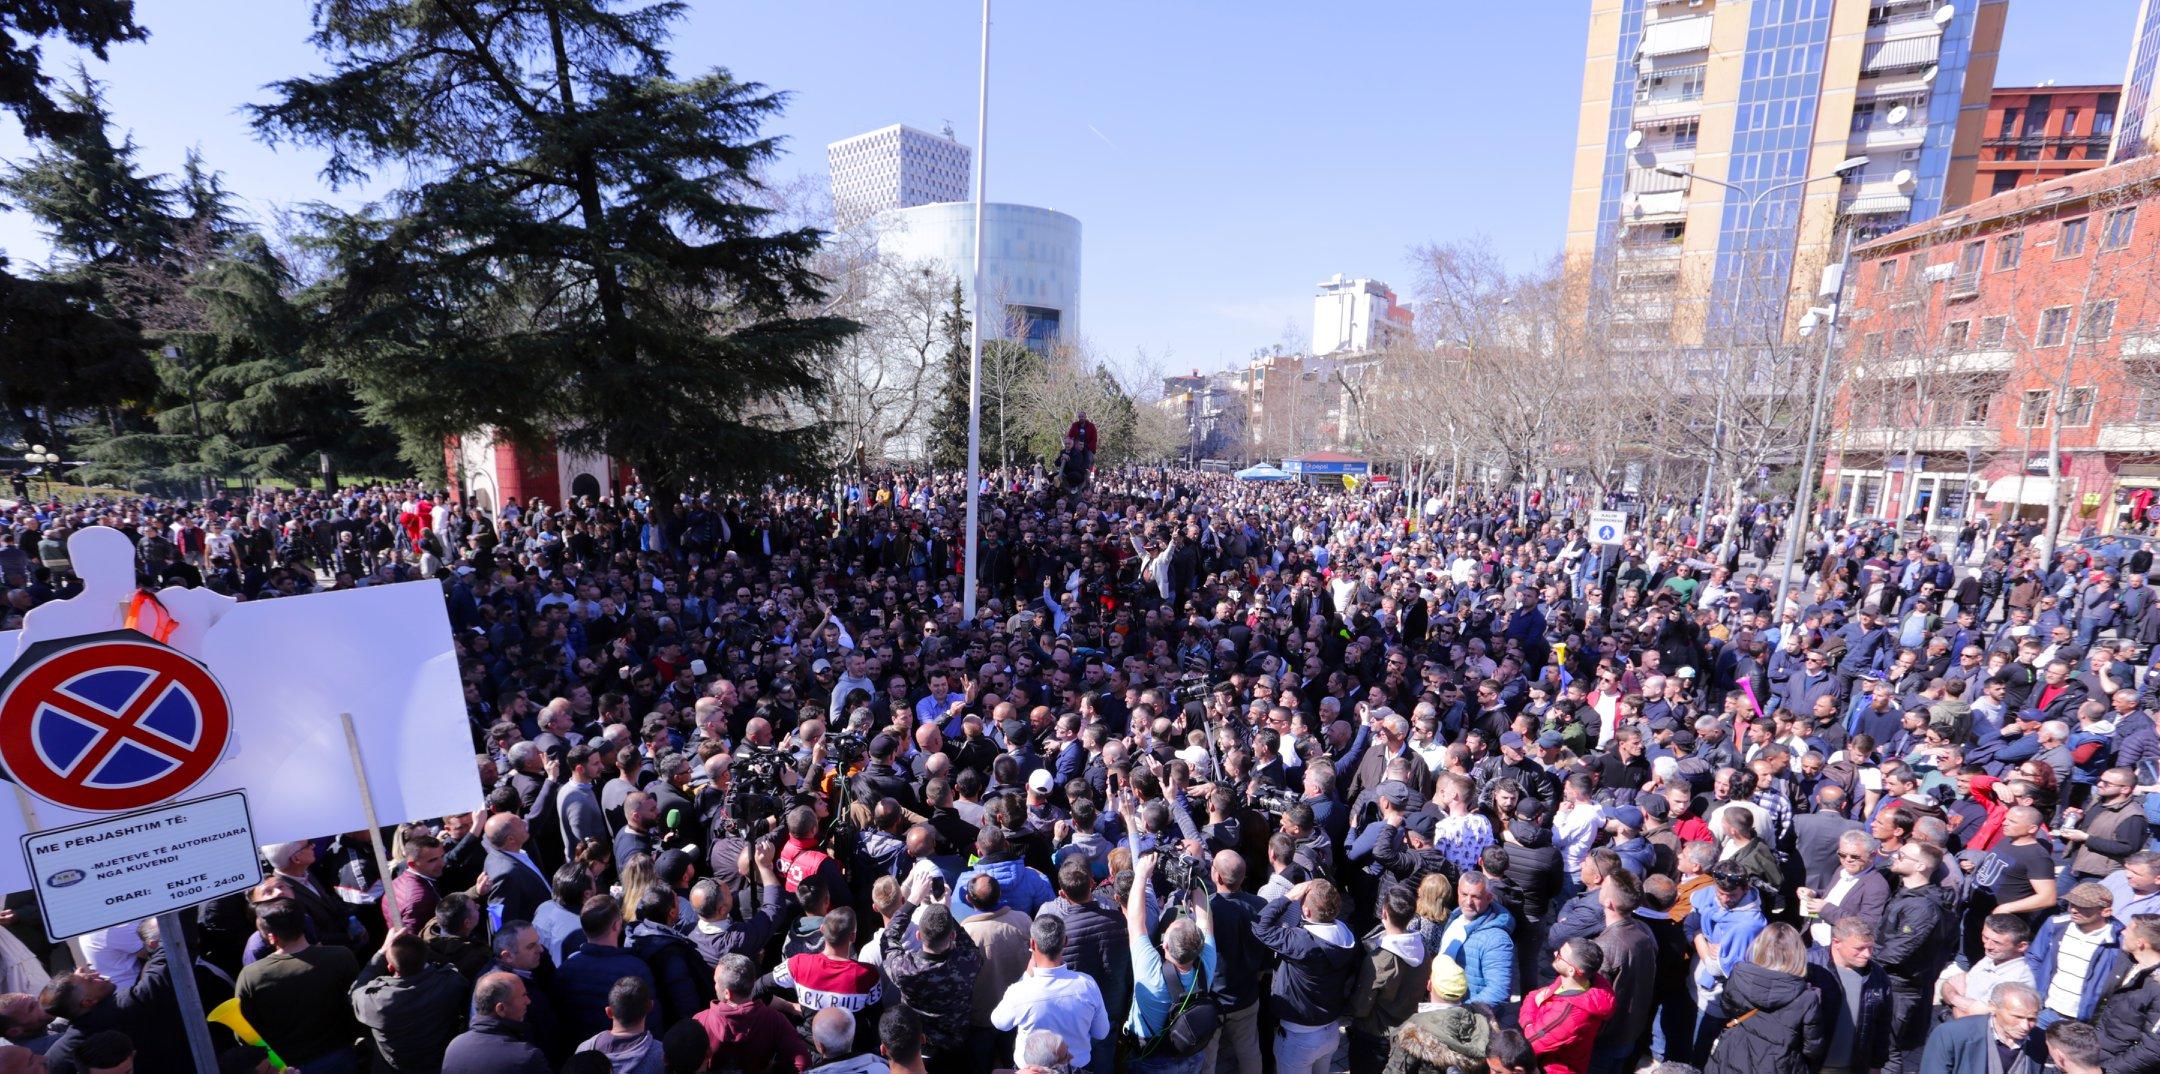 Seanca e të enjtes, opozita thërret protestë përpara Kuvendit